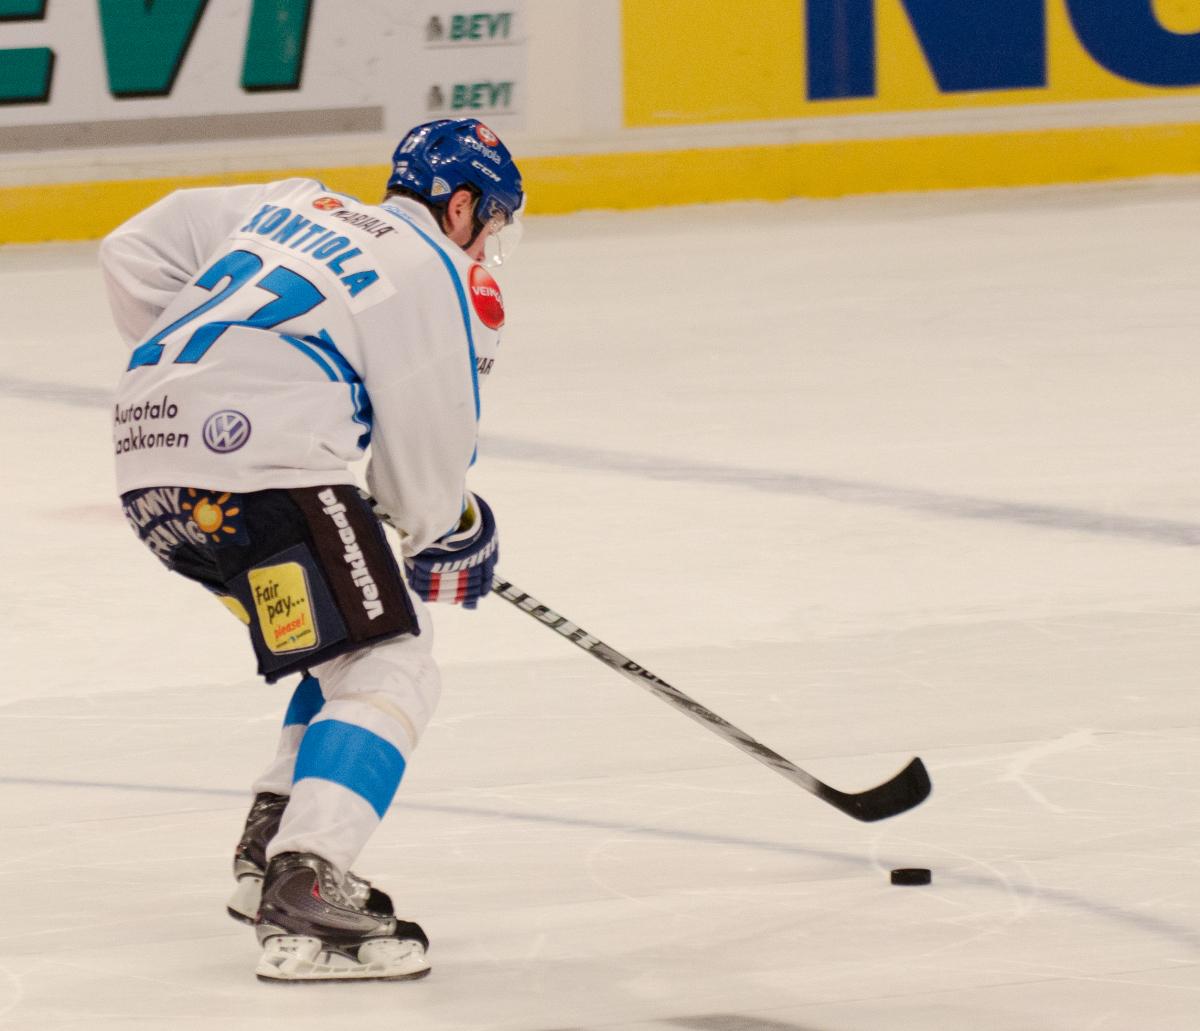 Petri Kontiola siirtyy Jokereihin! - katso julkistusvideo Jääkiekko KHL talviurheilu Uncategorized Urheilu